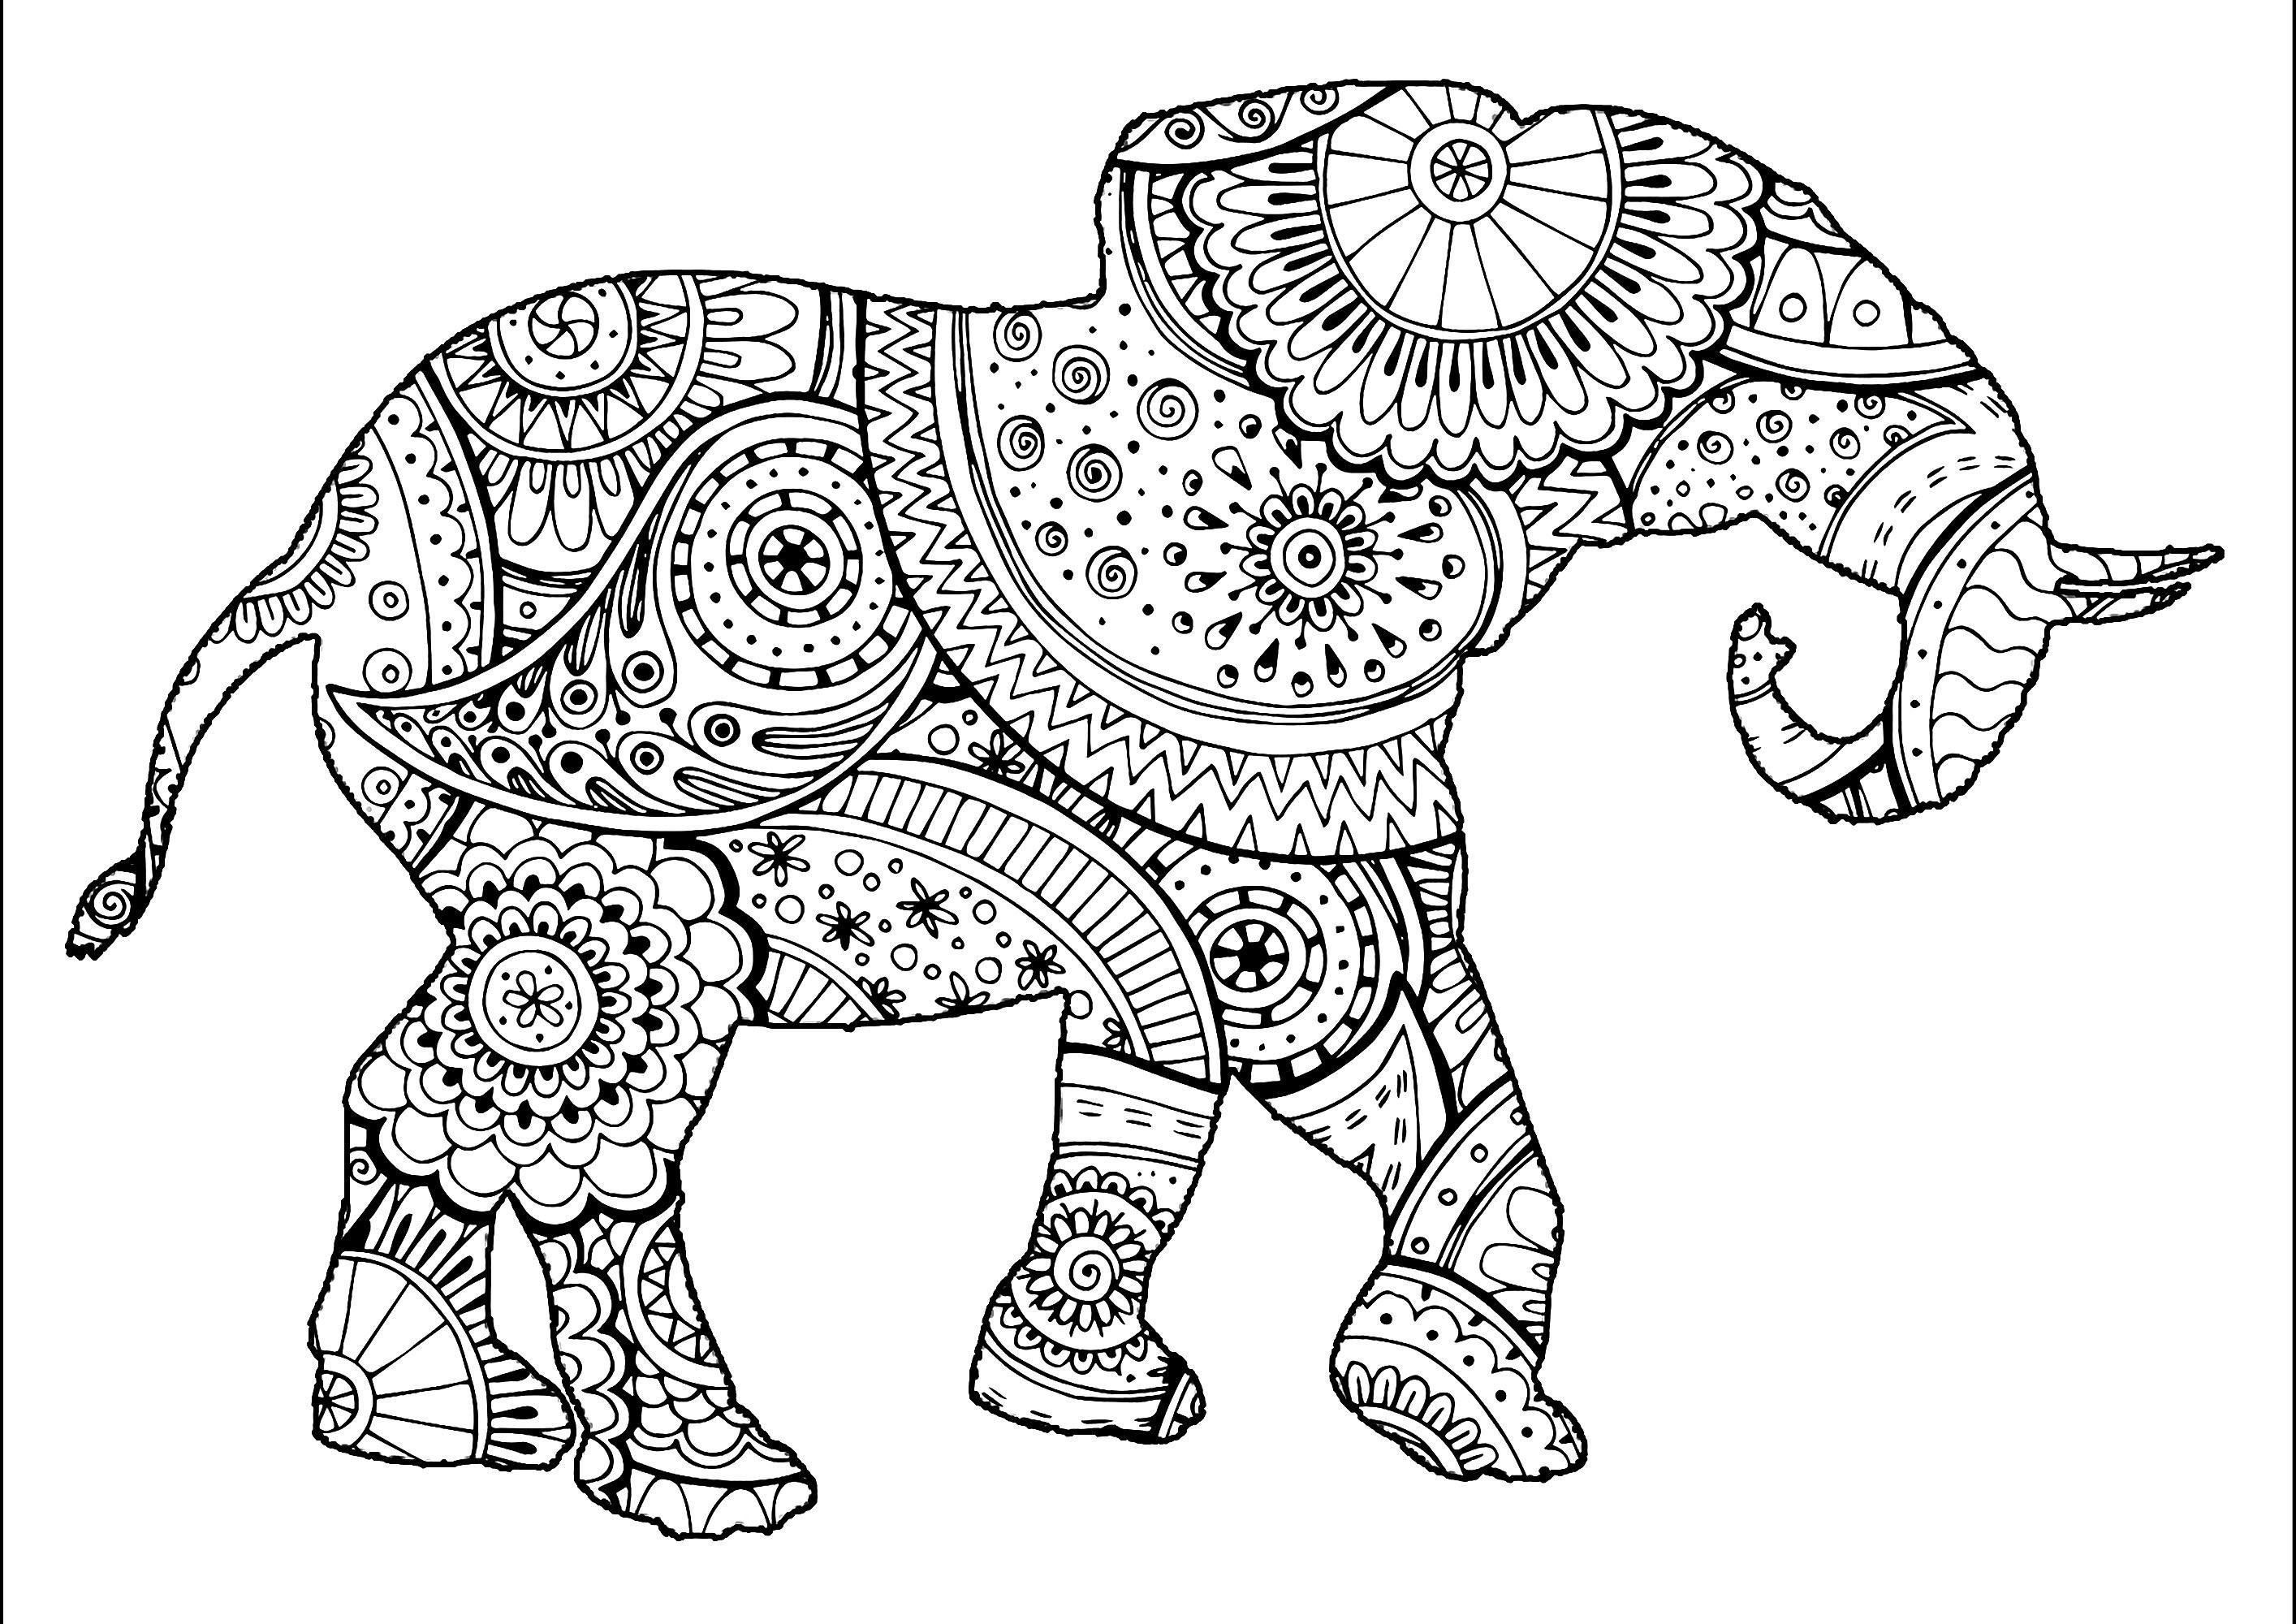 Disegni da Colorare per Adulti : Elefanti - 1